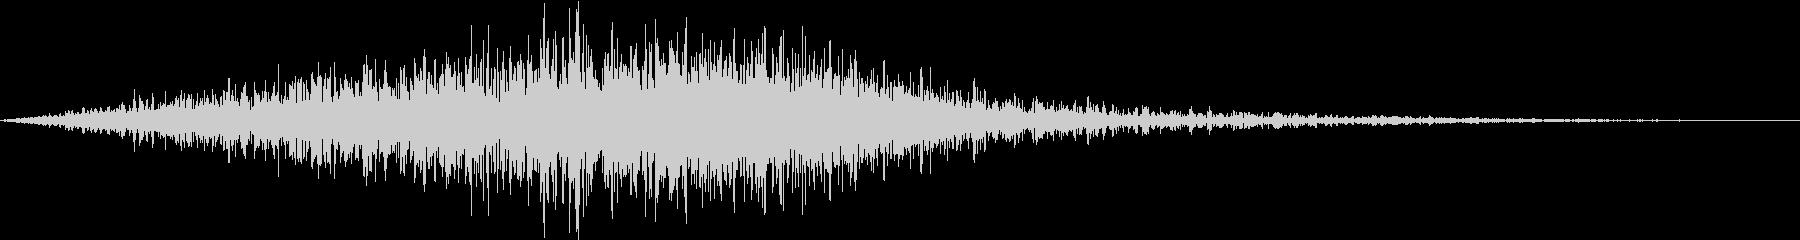 スワイプ 01 シュワーッの未再生の波形